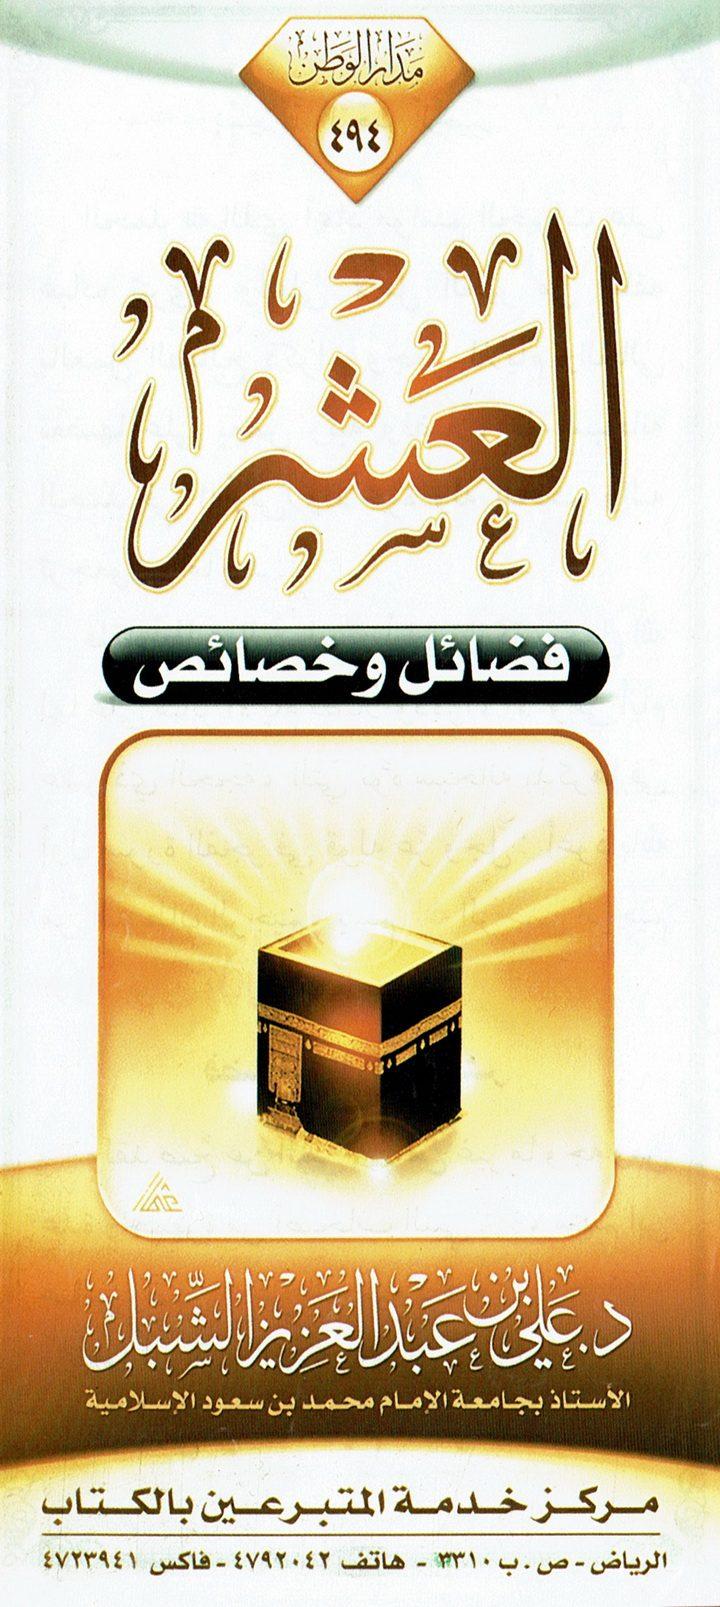 العشر فضائل و خصائص (علي بن عبد العزيز الشِّبل – مدار الوطن)